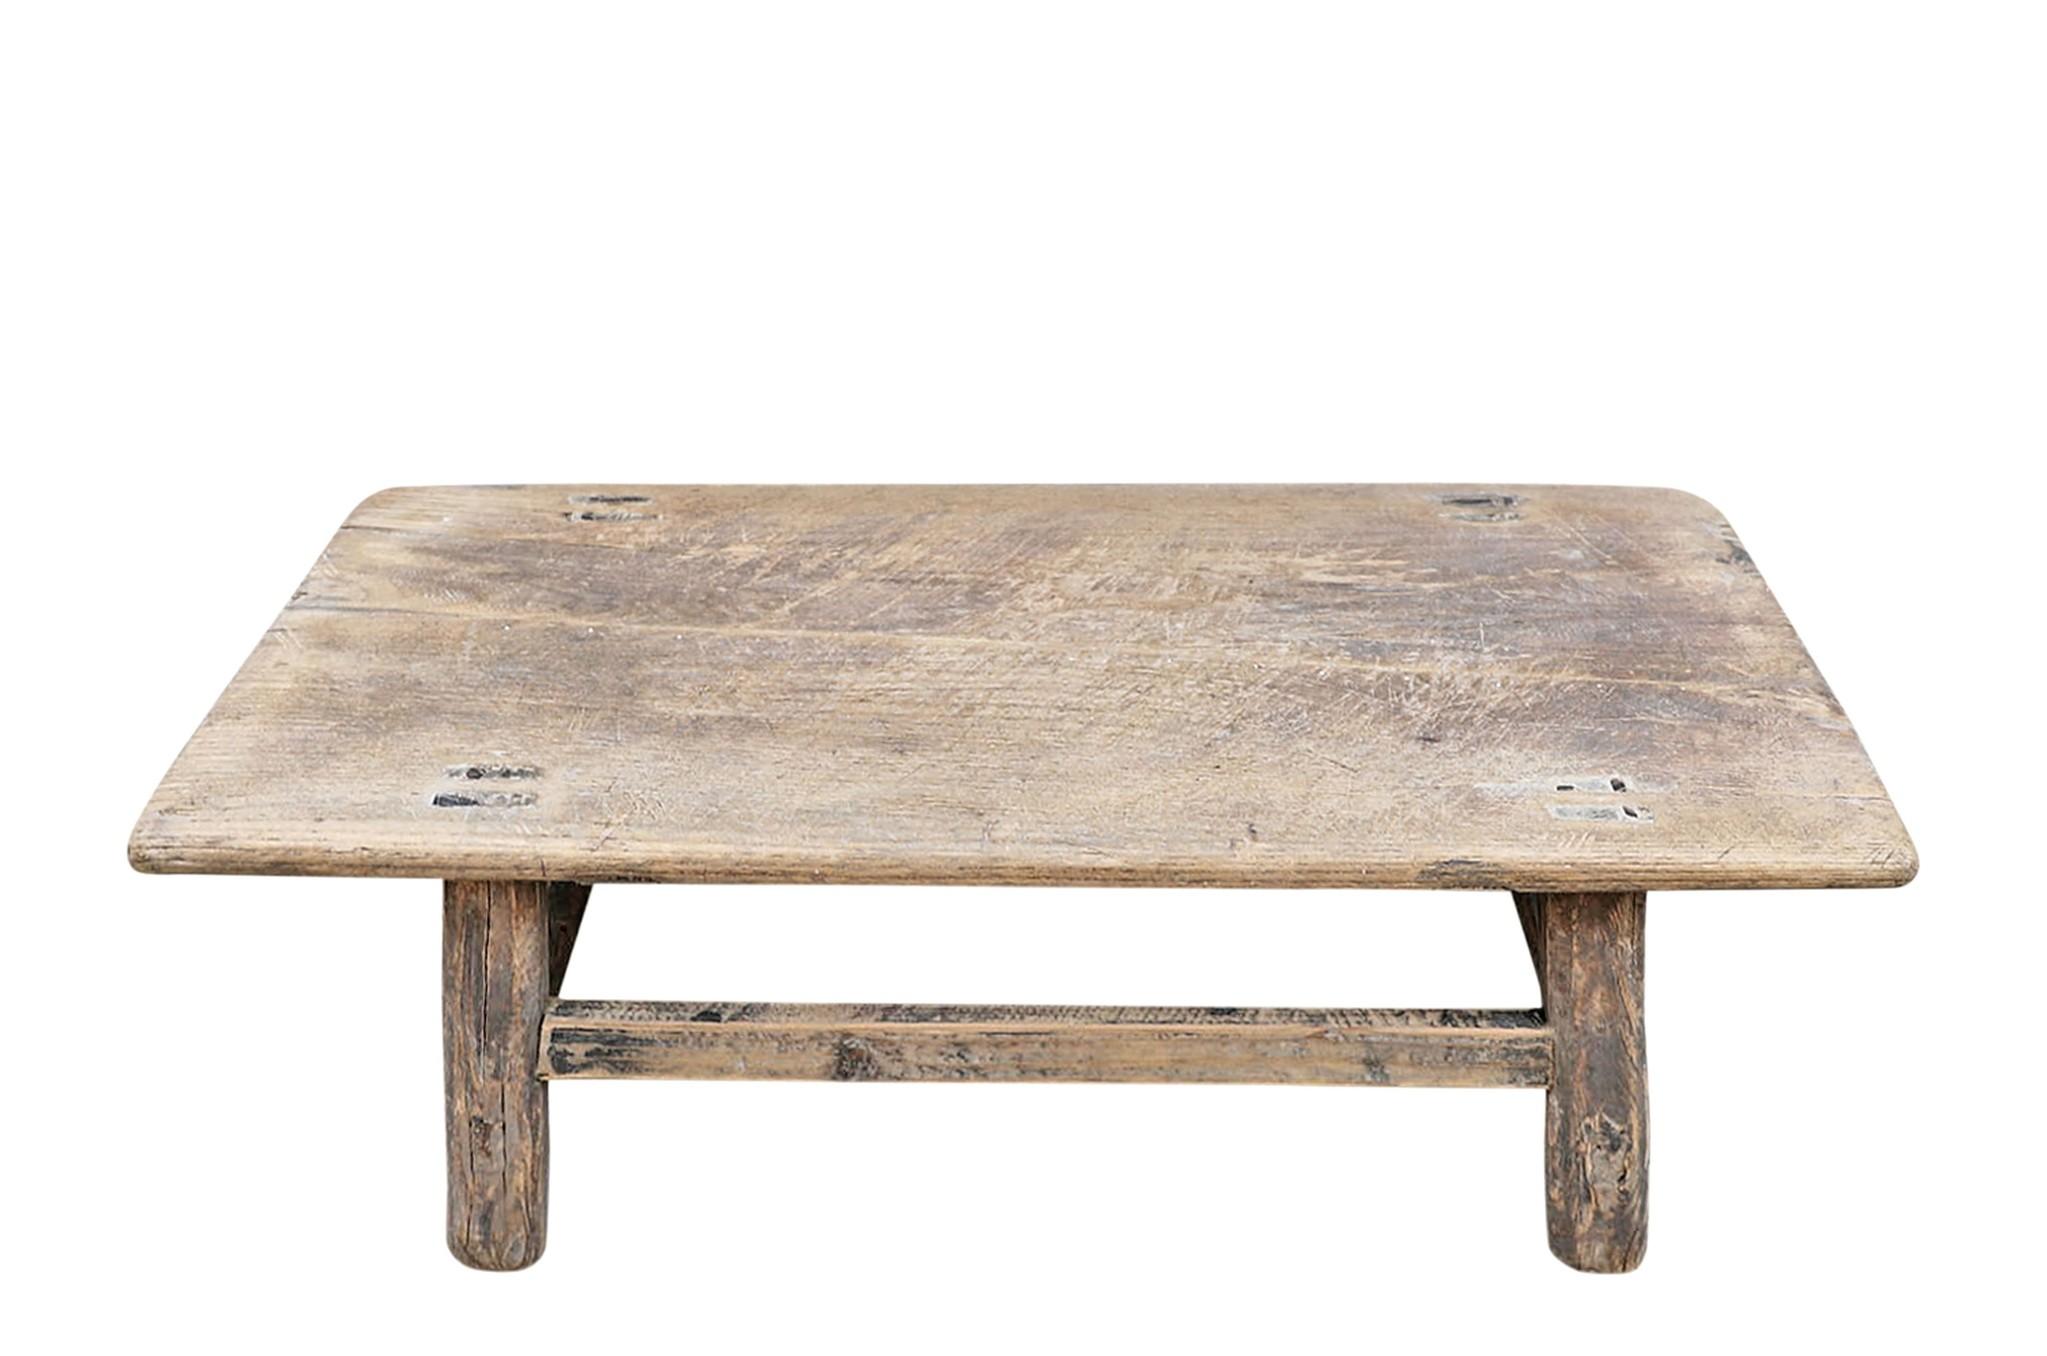 Snowdrops Copenhagen Table basse KANG - Bois d'orme- L83x46xL27cm - pièce unique